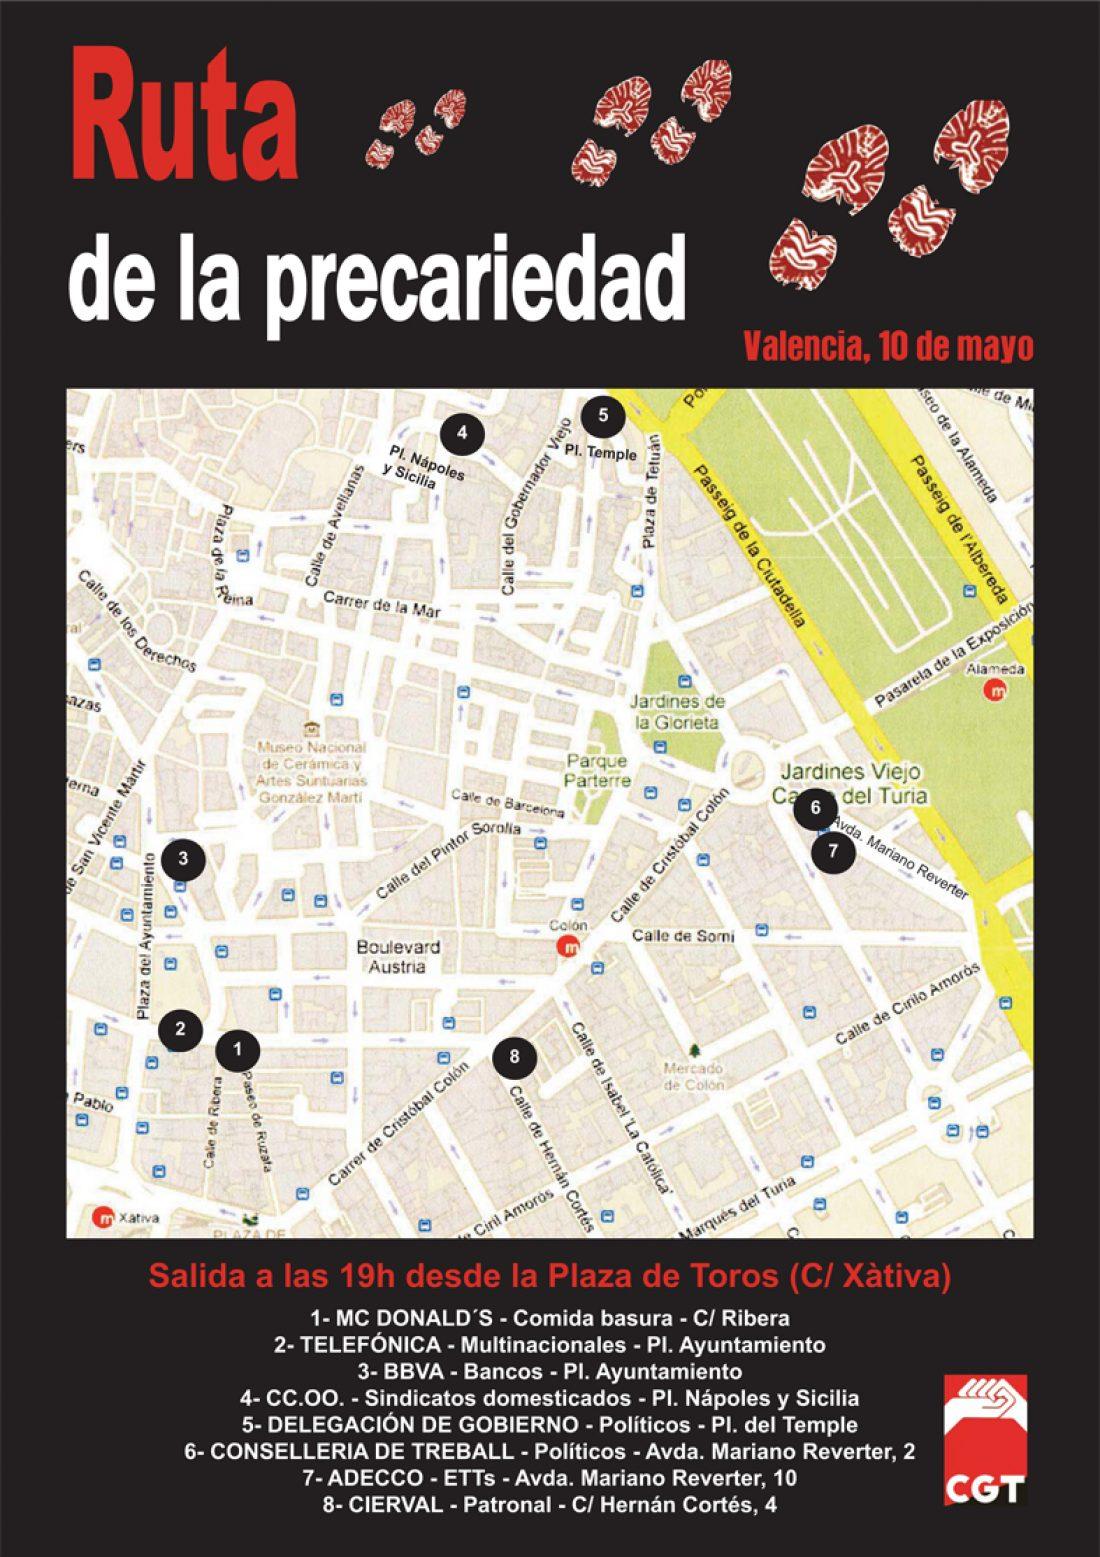 Valencia, 10 y 12 de Mayo: Ruta de la Precariedad y Marcha contra la crisis.